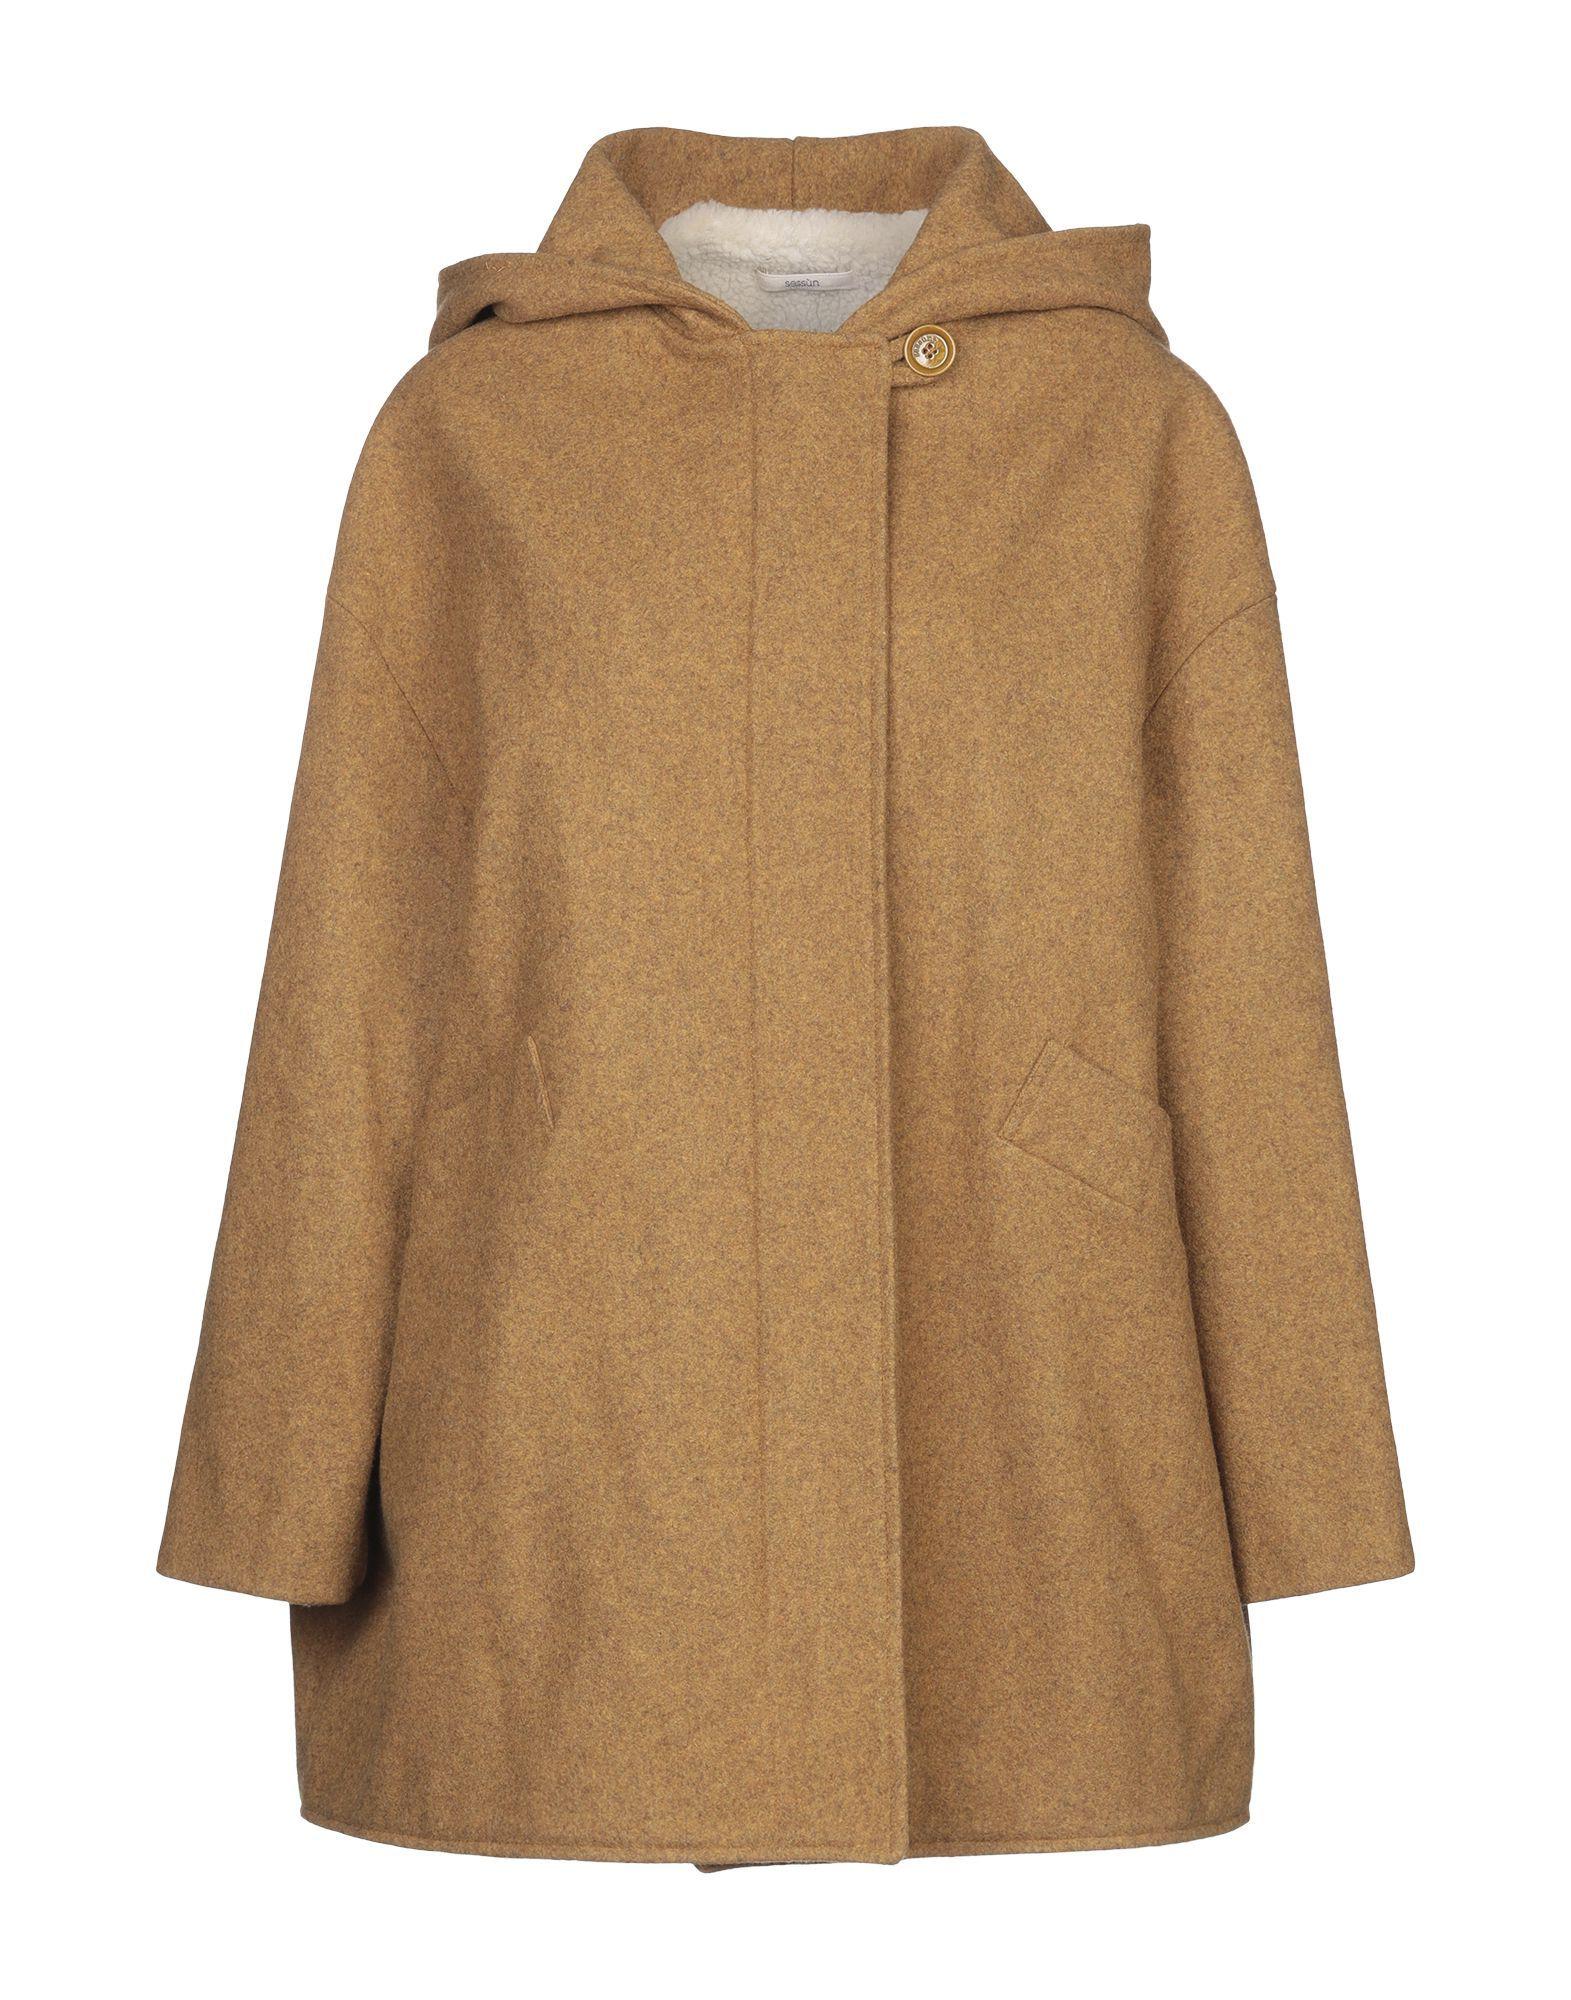 Sessun Ochre Wool Coat